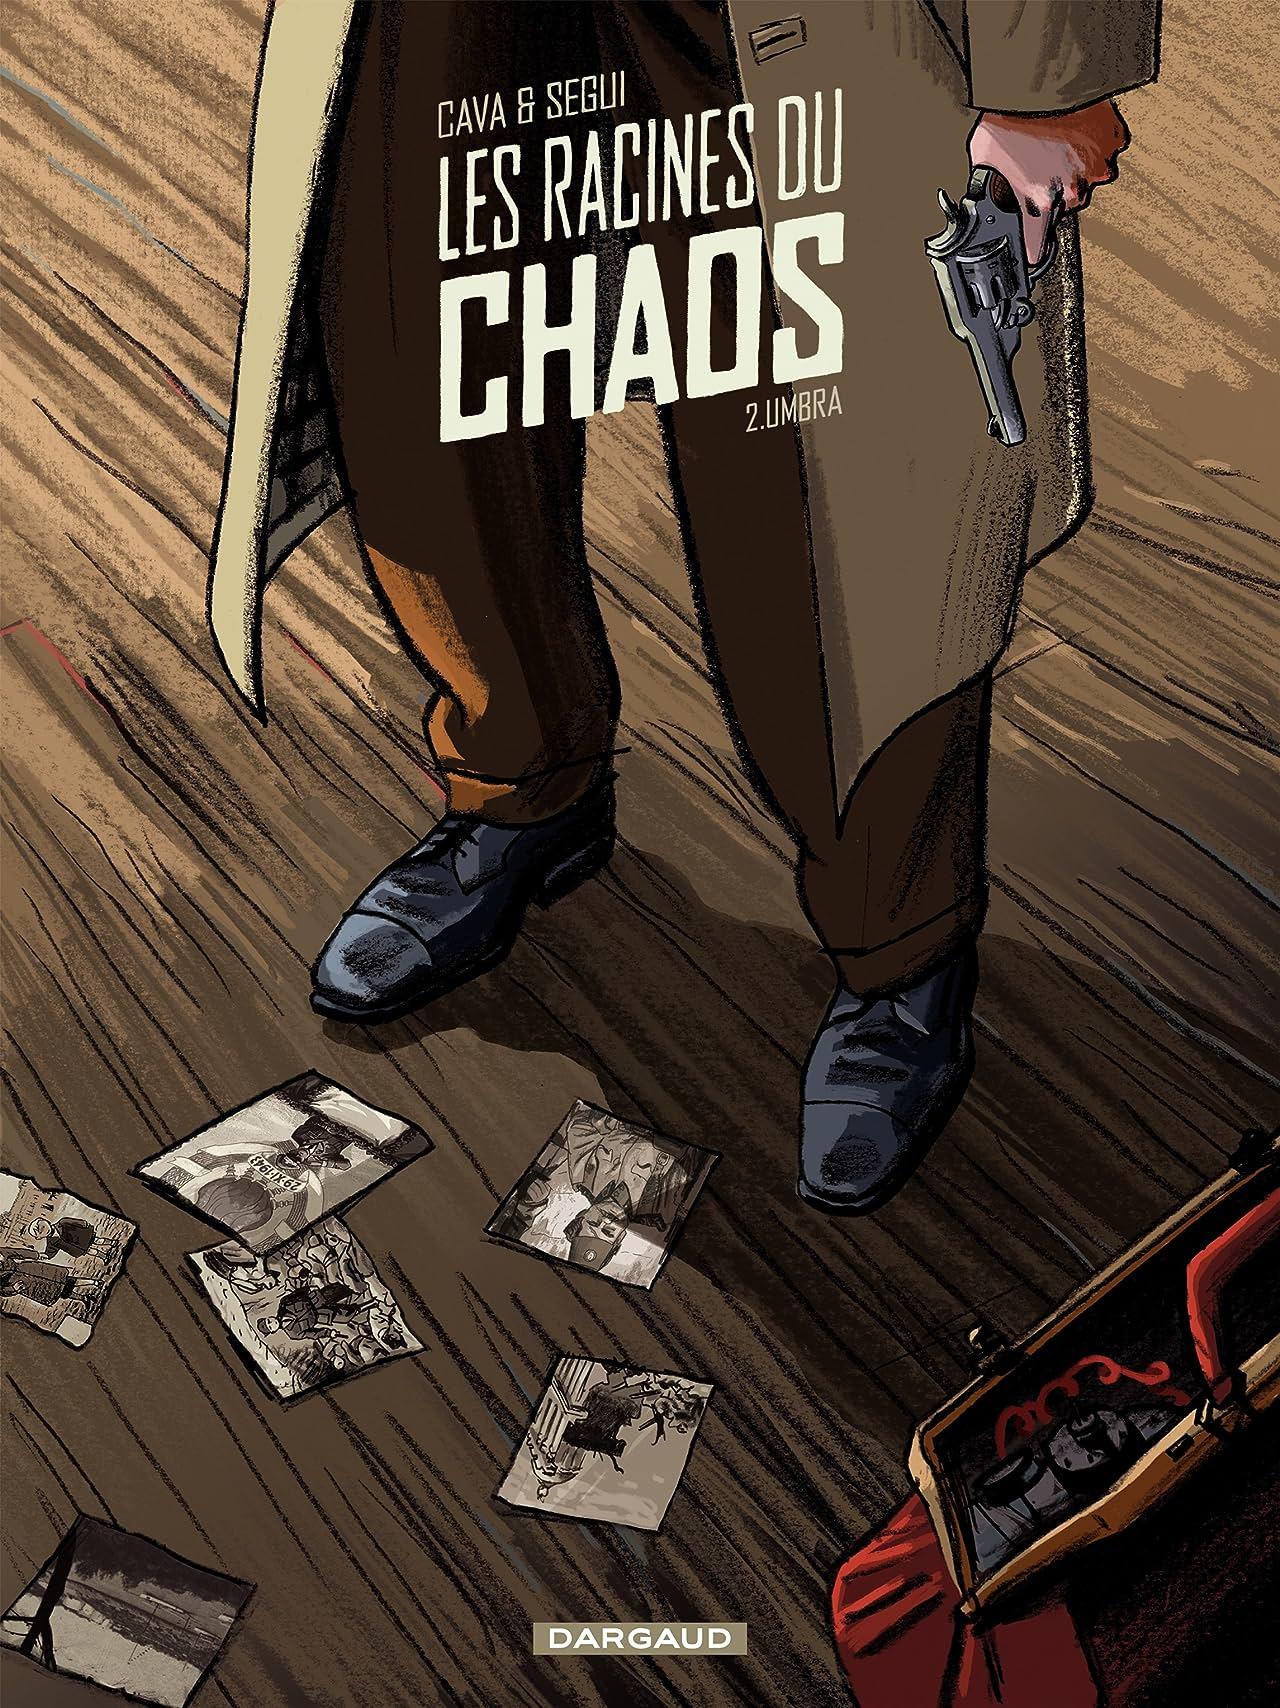 Les Racines du Chaos Vol. 2: Umbra